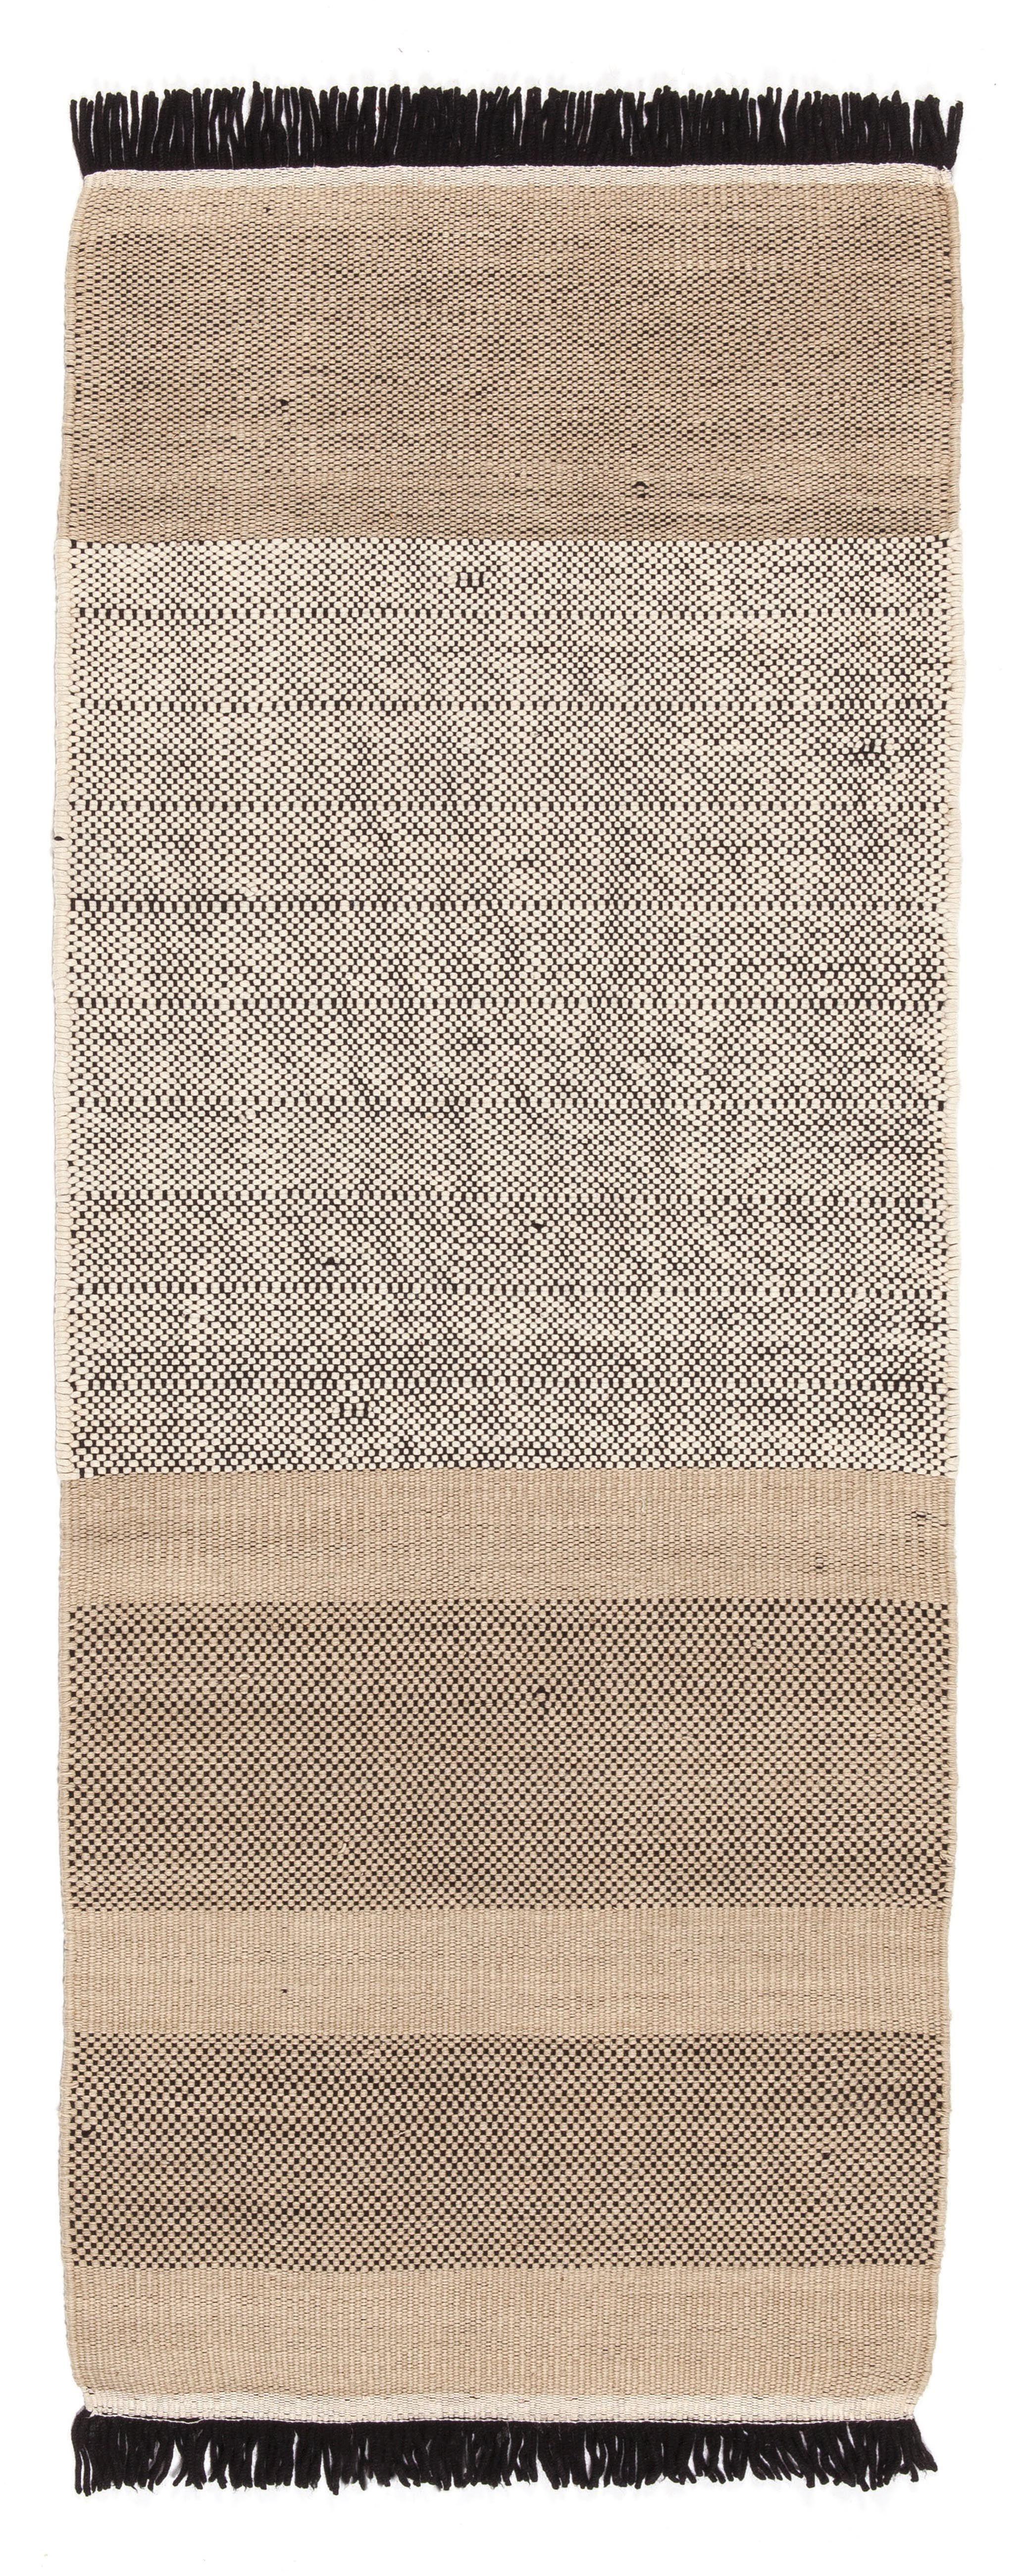 Déco - Tapis - Tapis Tres stripes / 80 x 240 cm - Nanimarquina - Noir et crème - Laine de Nouvelle-Zélande - Feutre de laine